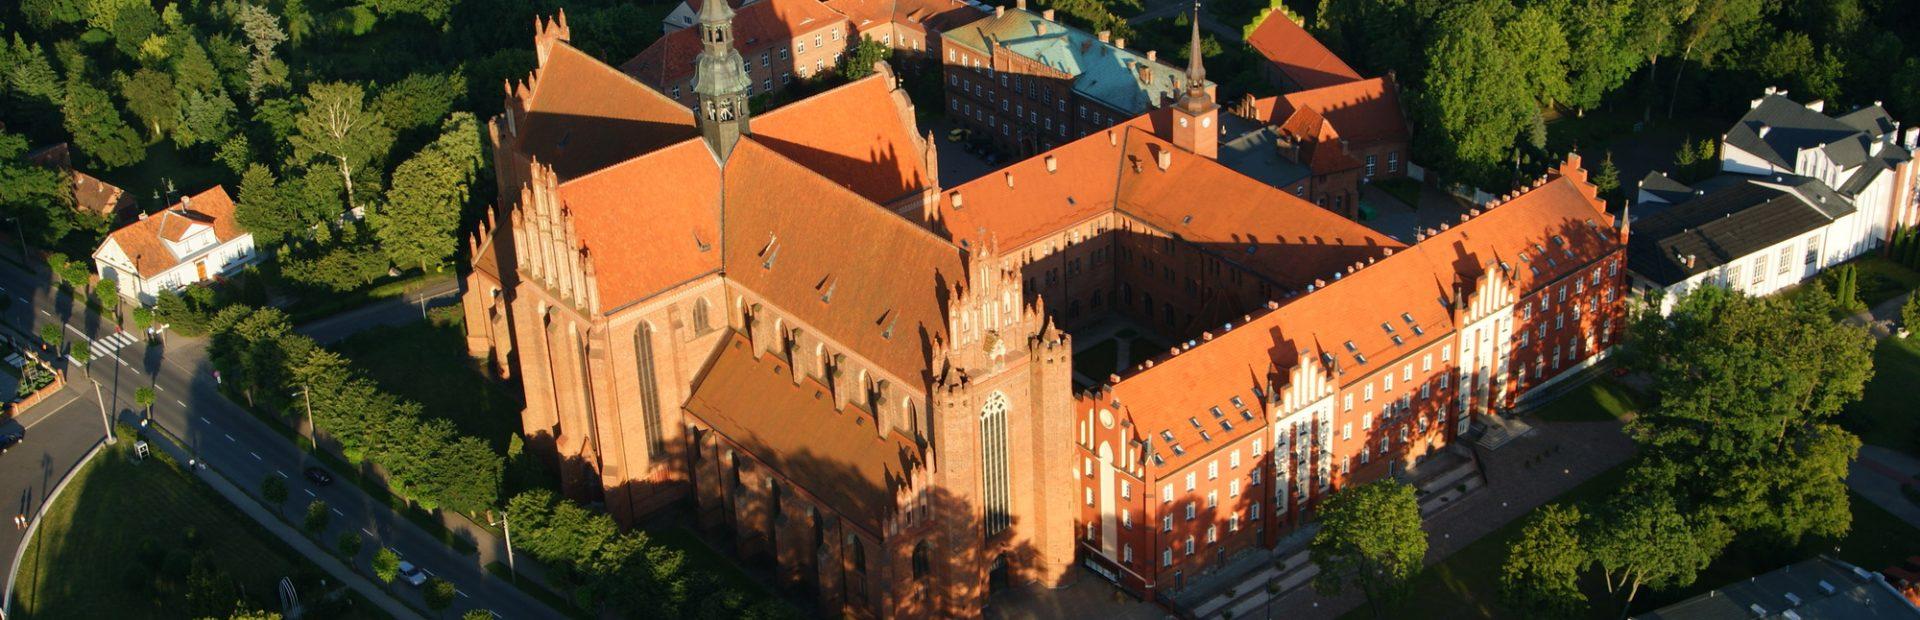 The Cistercian Abbey in Pelplin